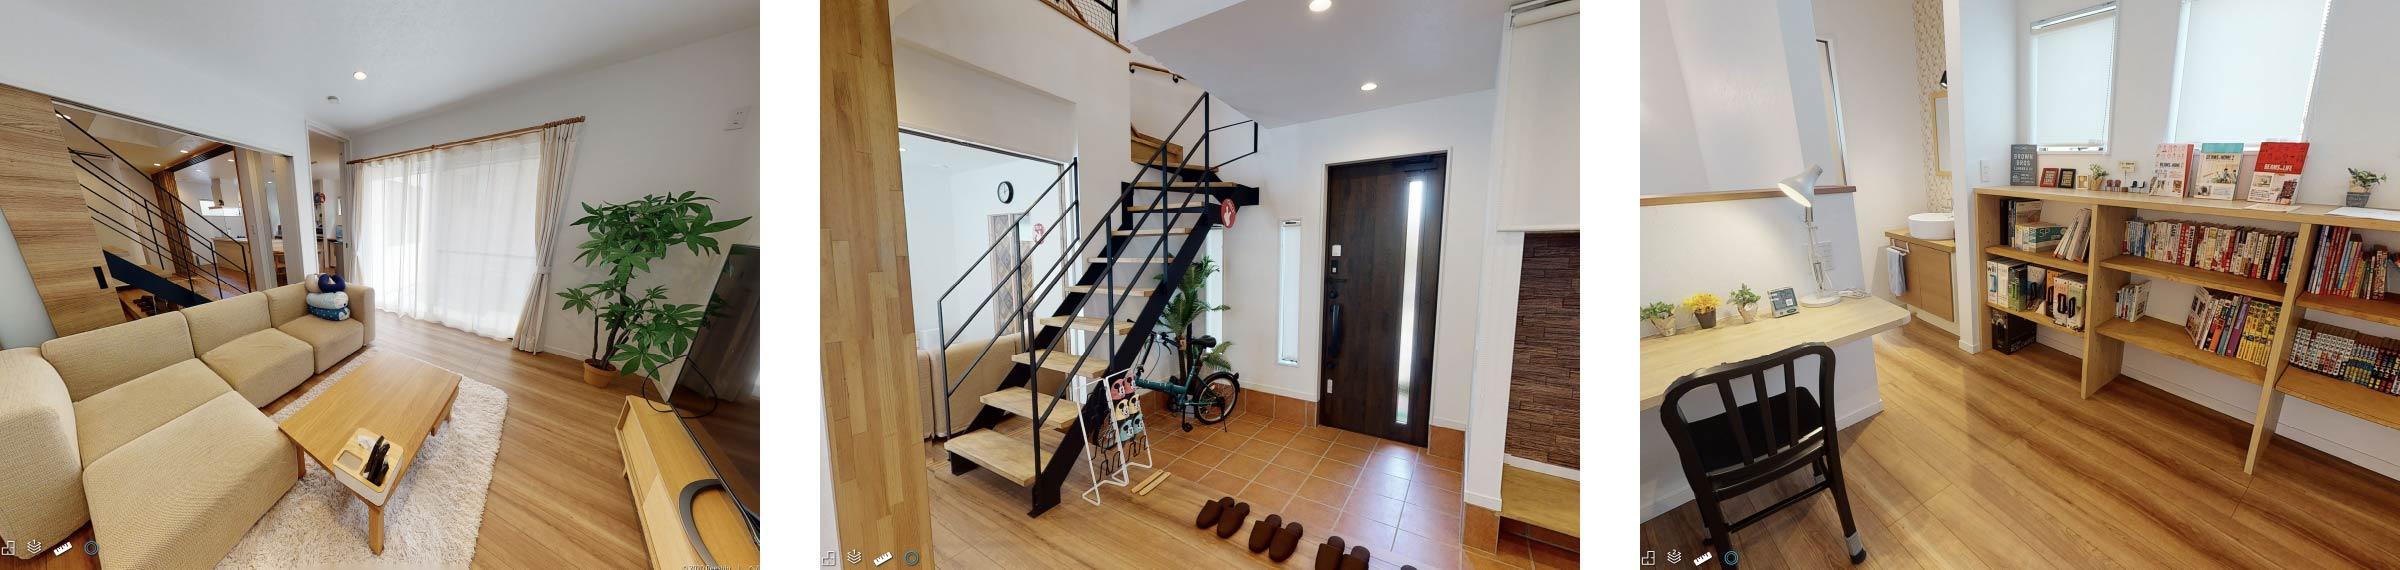 AUCAの宿泊型モデルハウス